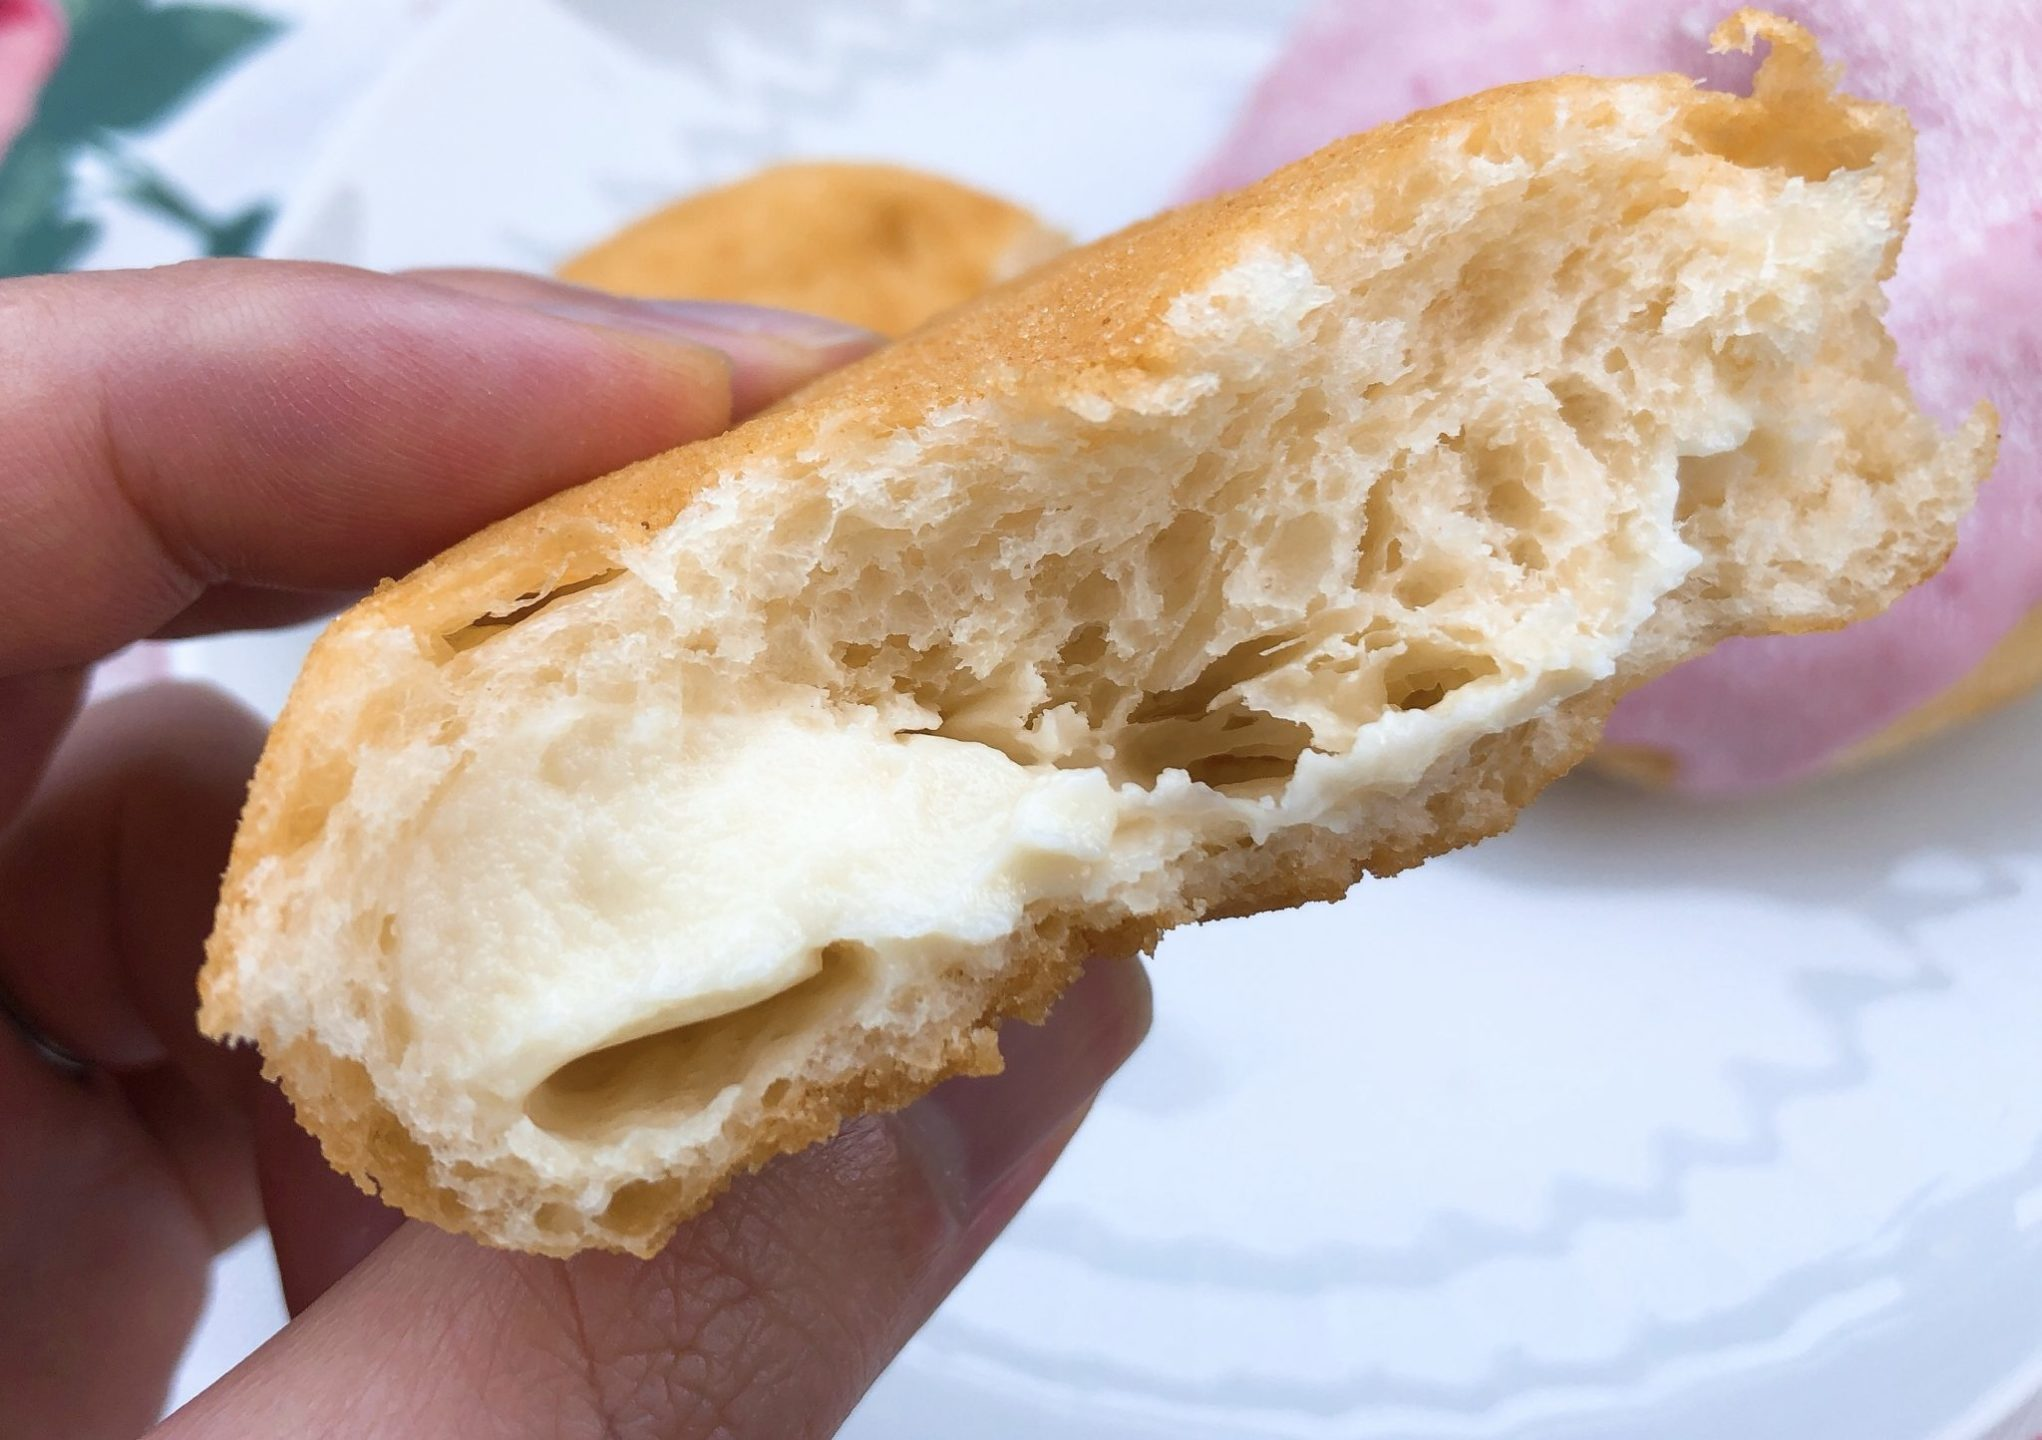 珈琲とドーナツふわもち邸(用賀)の豆乳クリームドーナツの断面